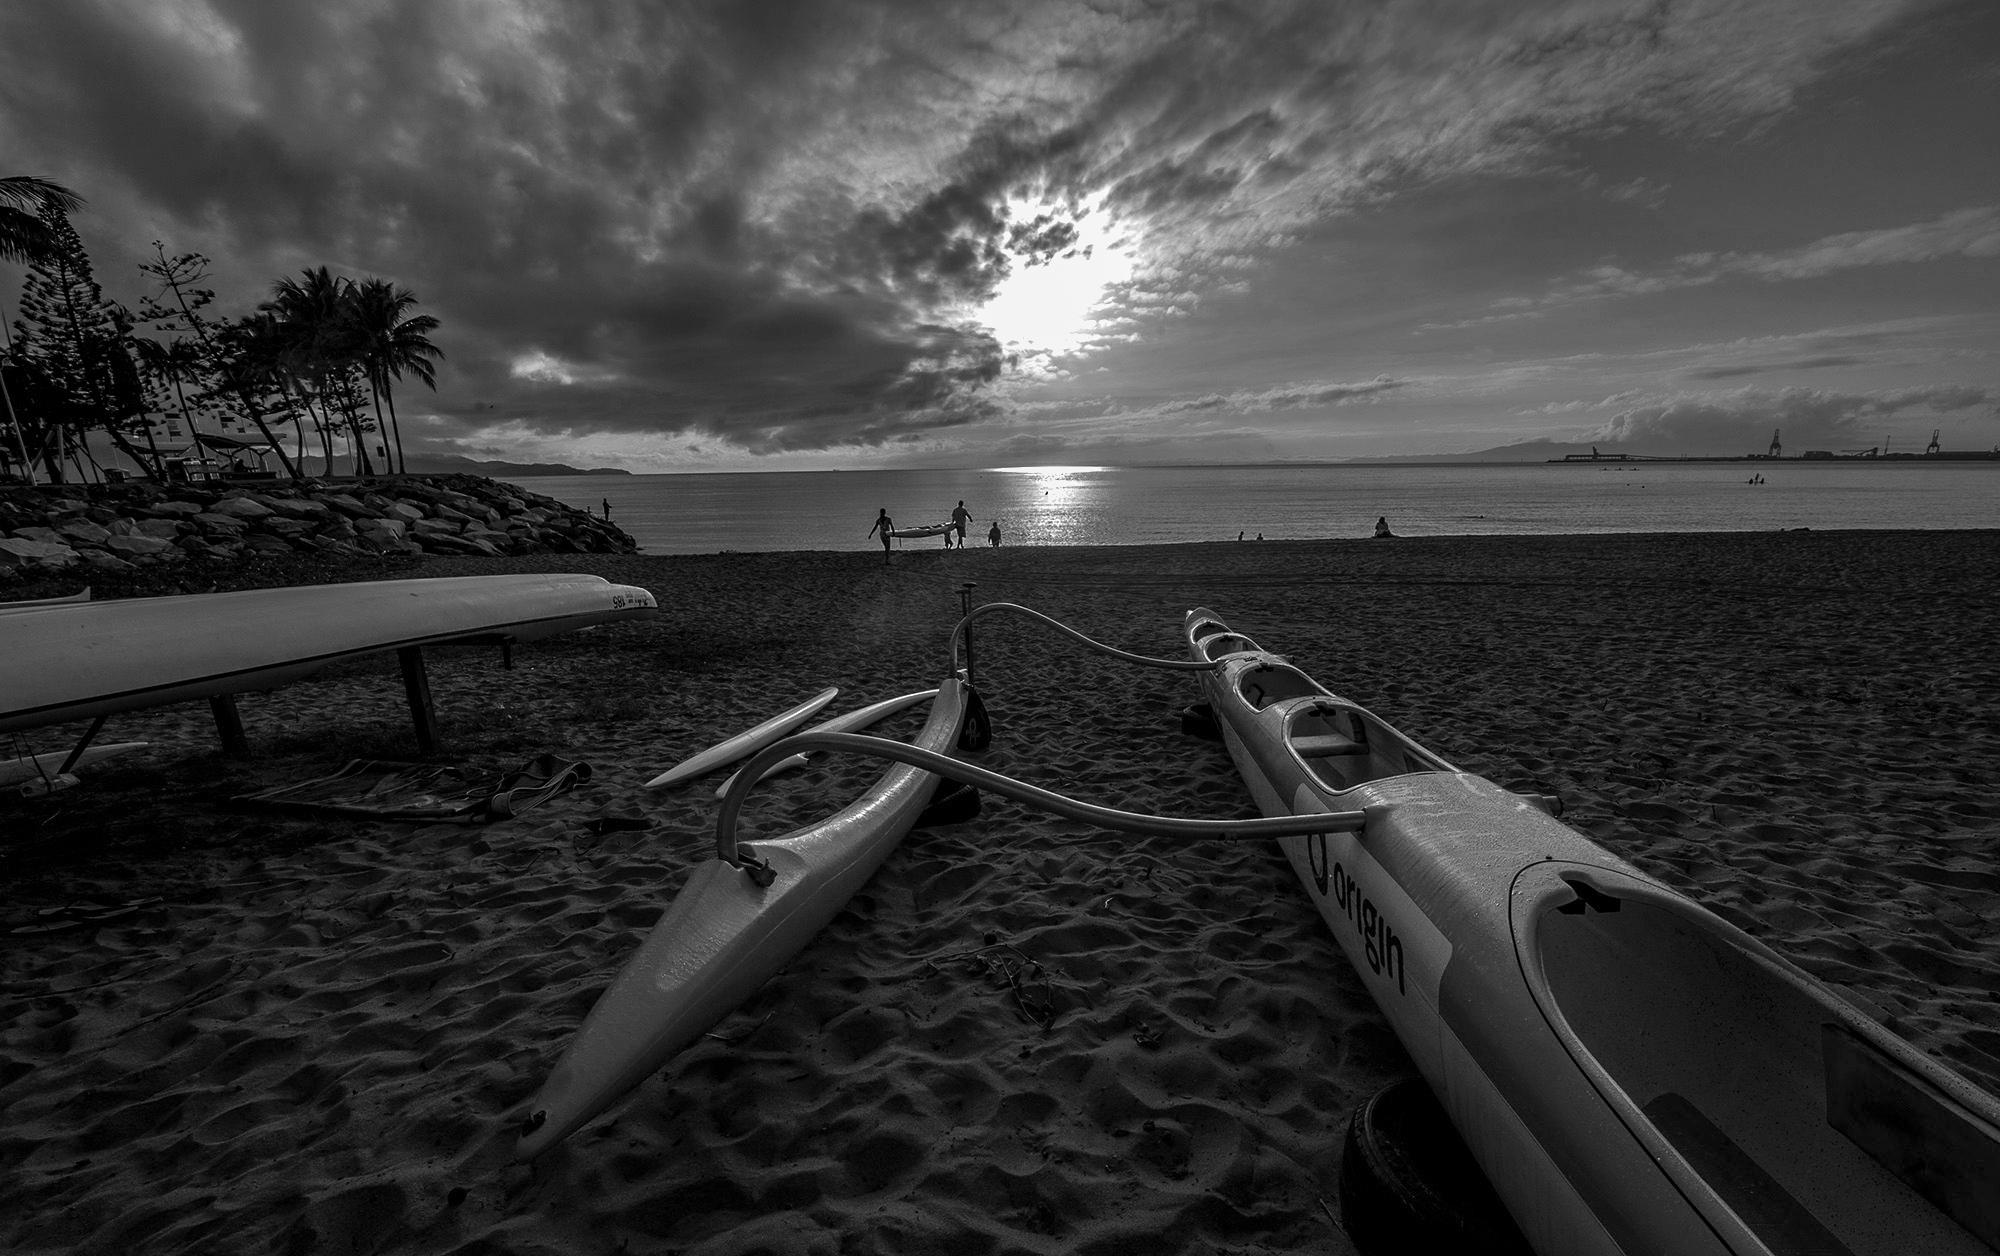 阿番作品:清晨  皮划艇